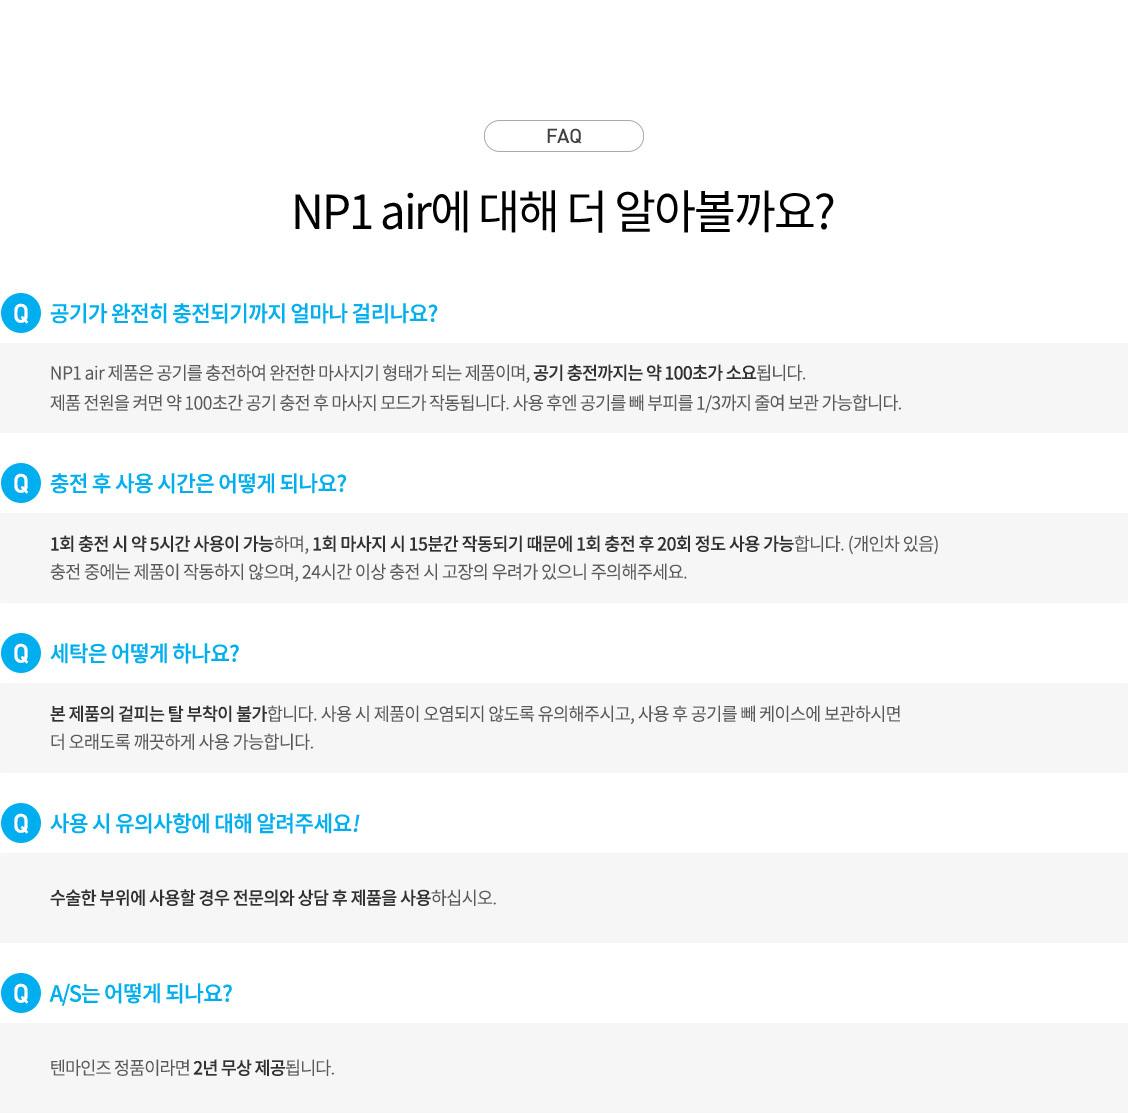 FAQ NP1 air에 대해 더 알아볼까요?